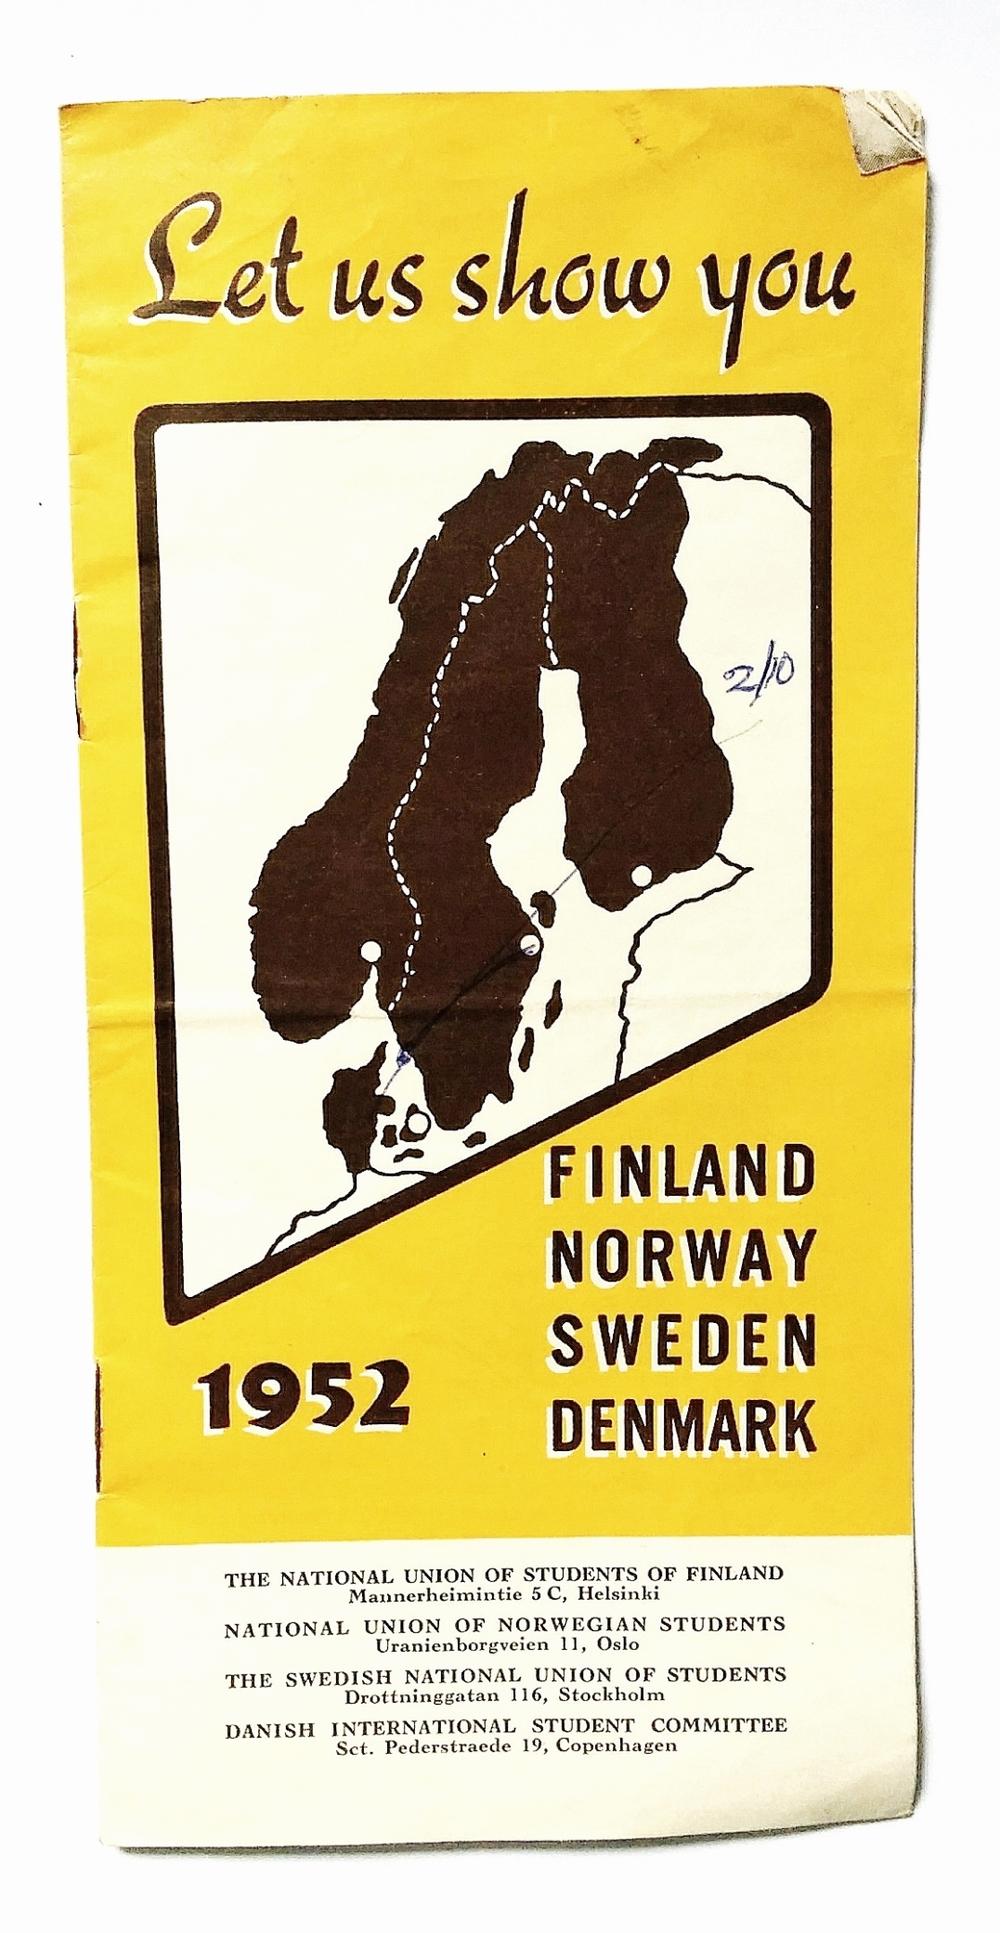 1952-scandinavia-map.jpg